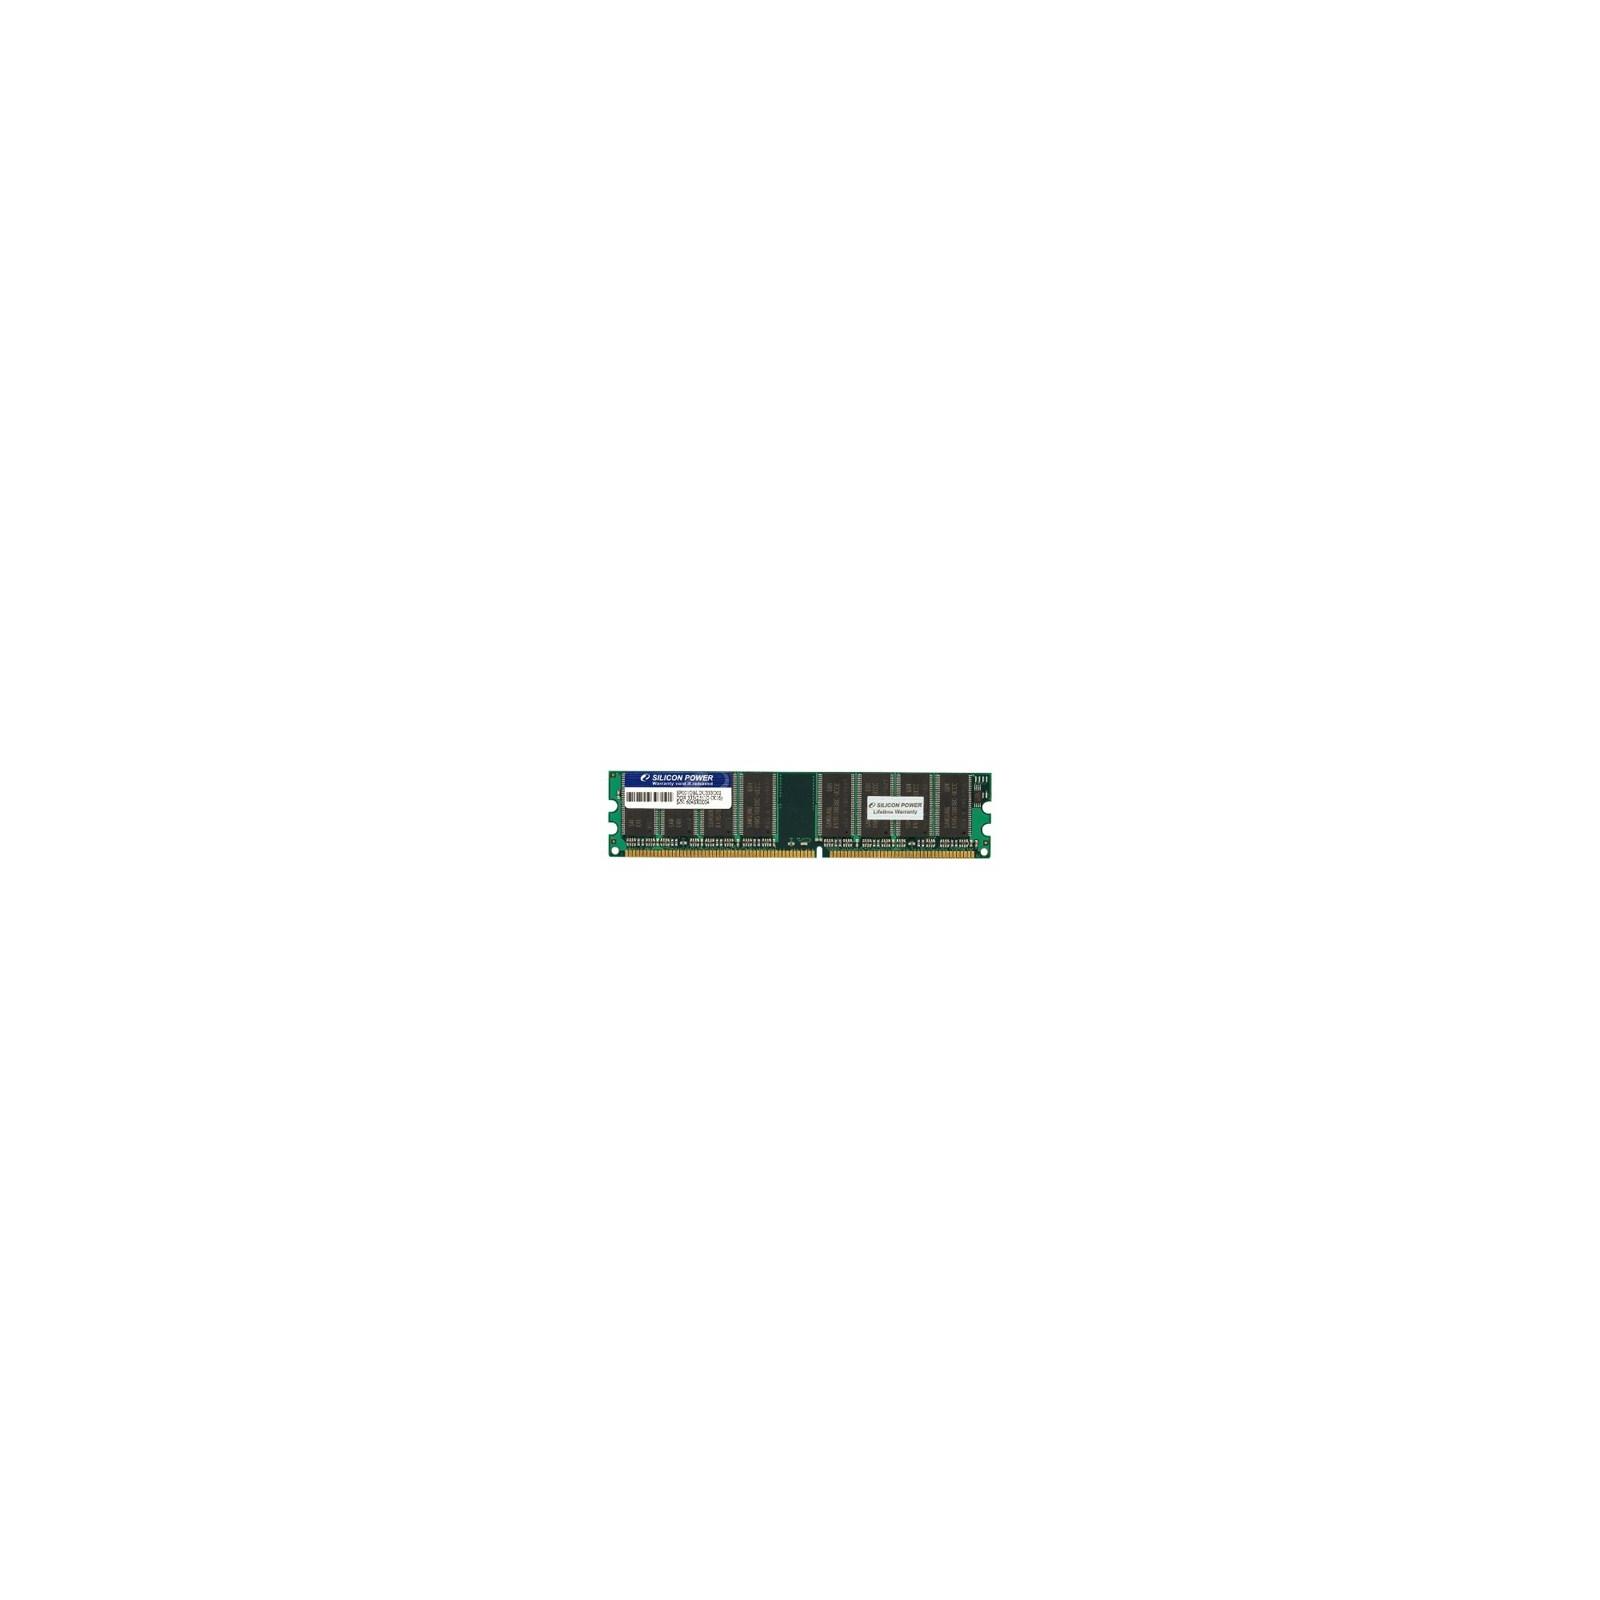 Модуль памяти для компьютера DDR SDRAM 1GB 333 MHz Silicon Power (SP001GBLDU333O02)